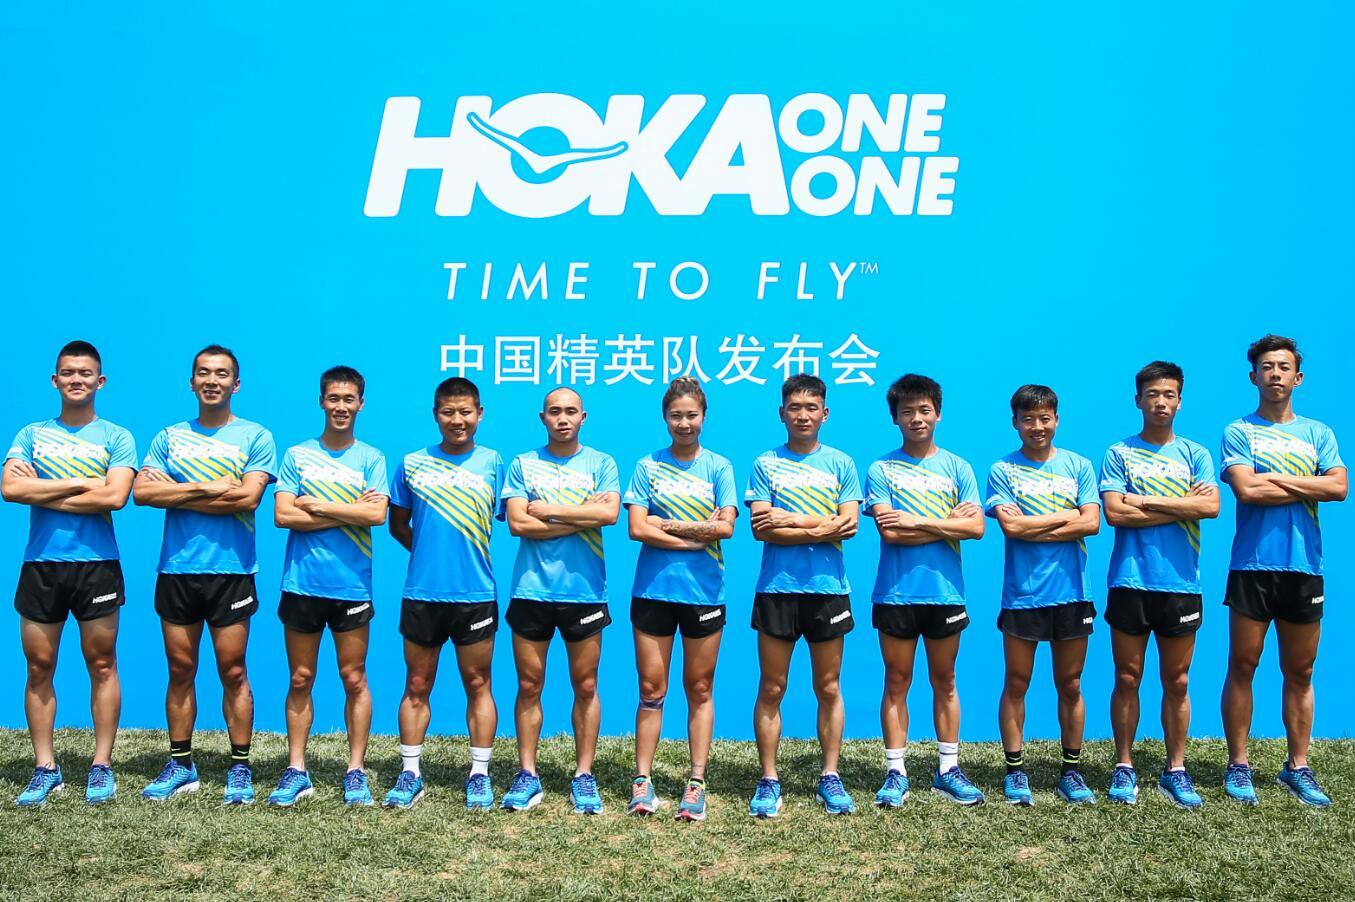 HOKA ONE ONE®中国精英队首发阵容亮相 最强战队火力全开 尽显王者风范